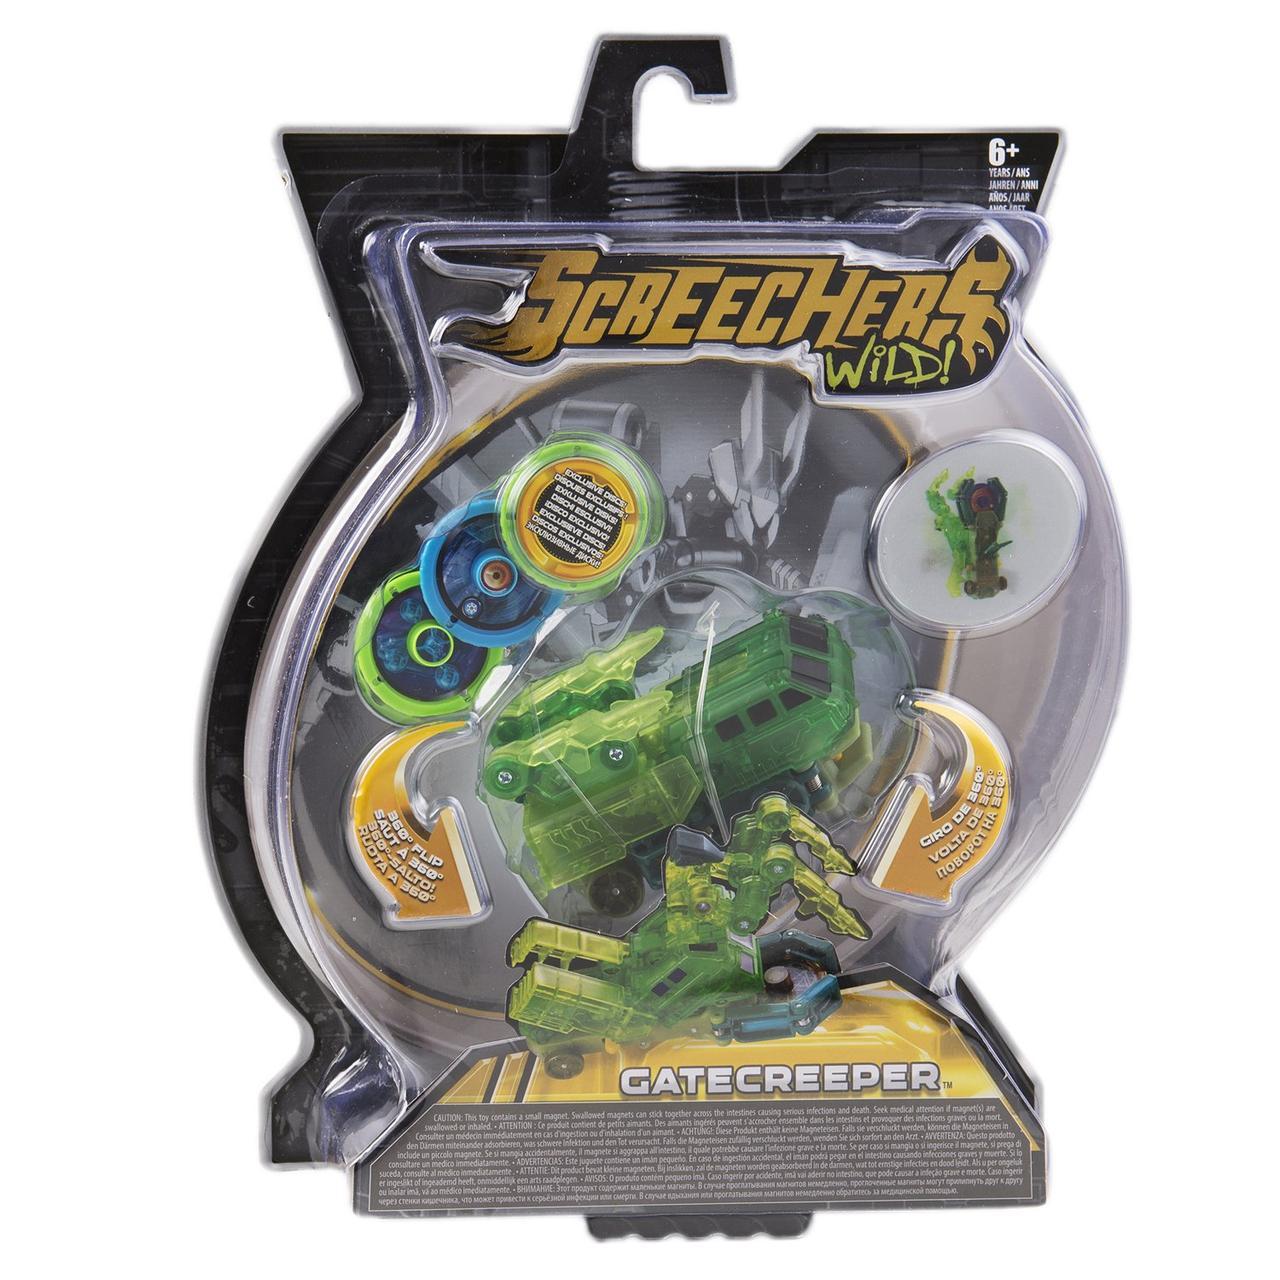 Машинка-Транформер Screechers Wild Дикие Скричеры Гейткрипер л2 - фото 2